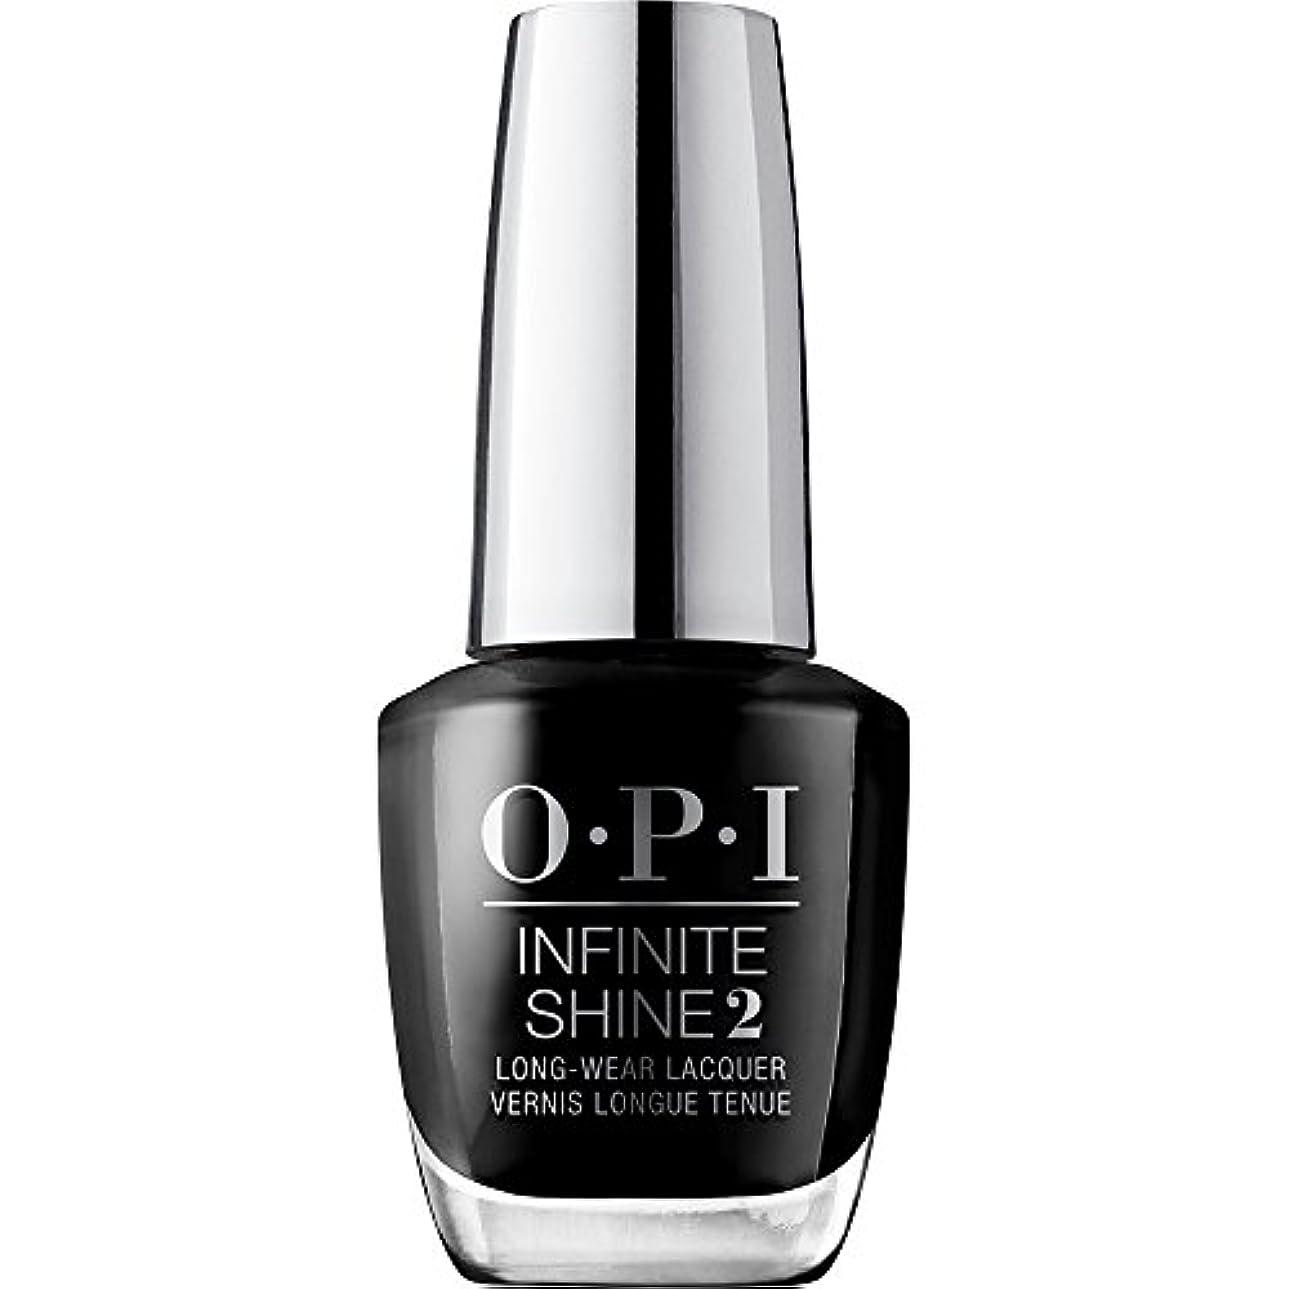 おとうさん作業不和OPI(オーピーアイ) インフィニット シャイン ISL T02 ブラック オニキス